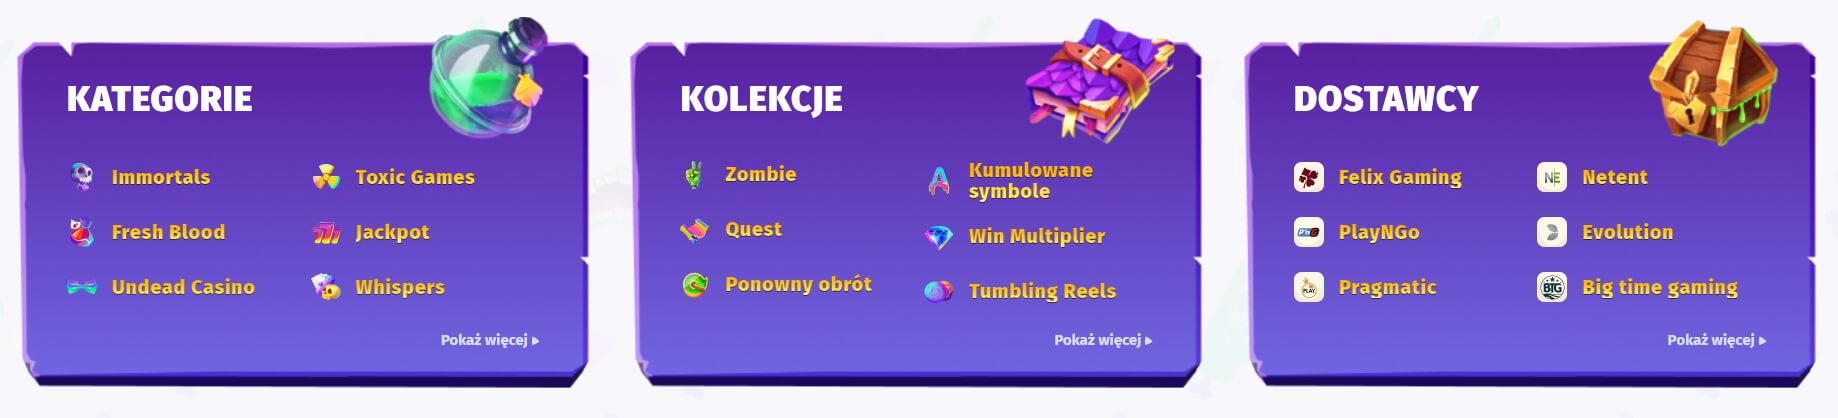 gry casino w casombie screenshot